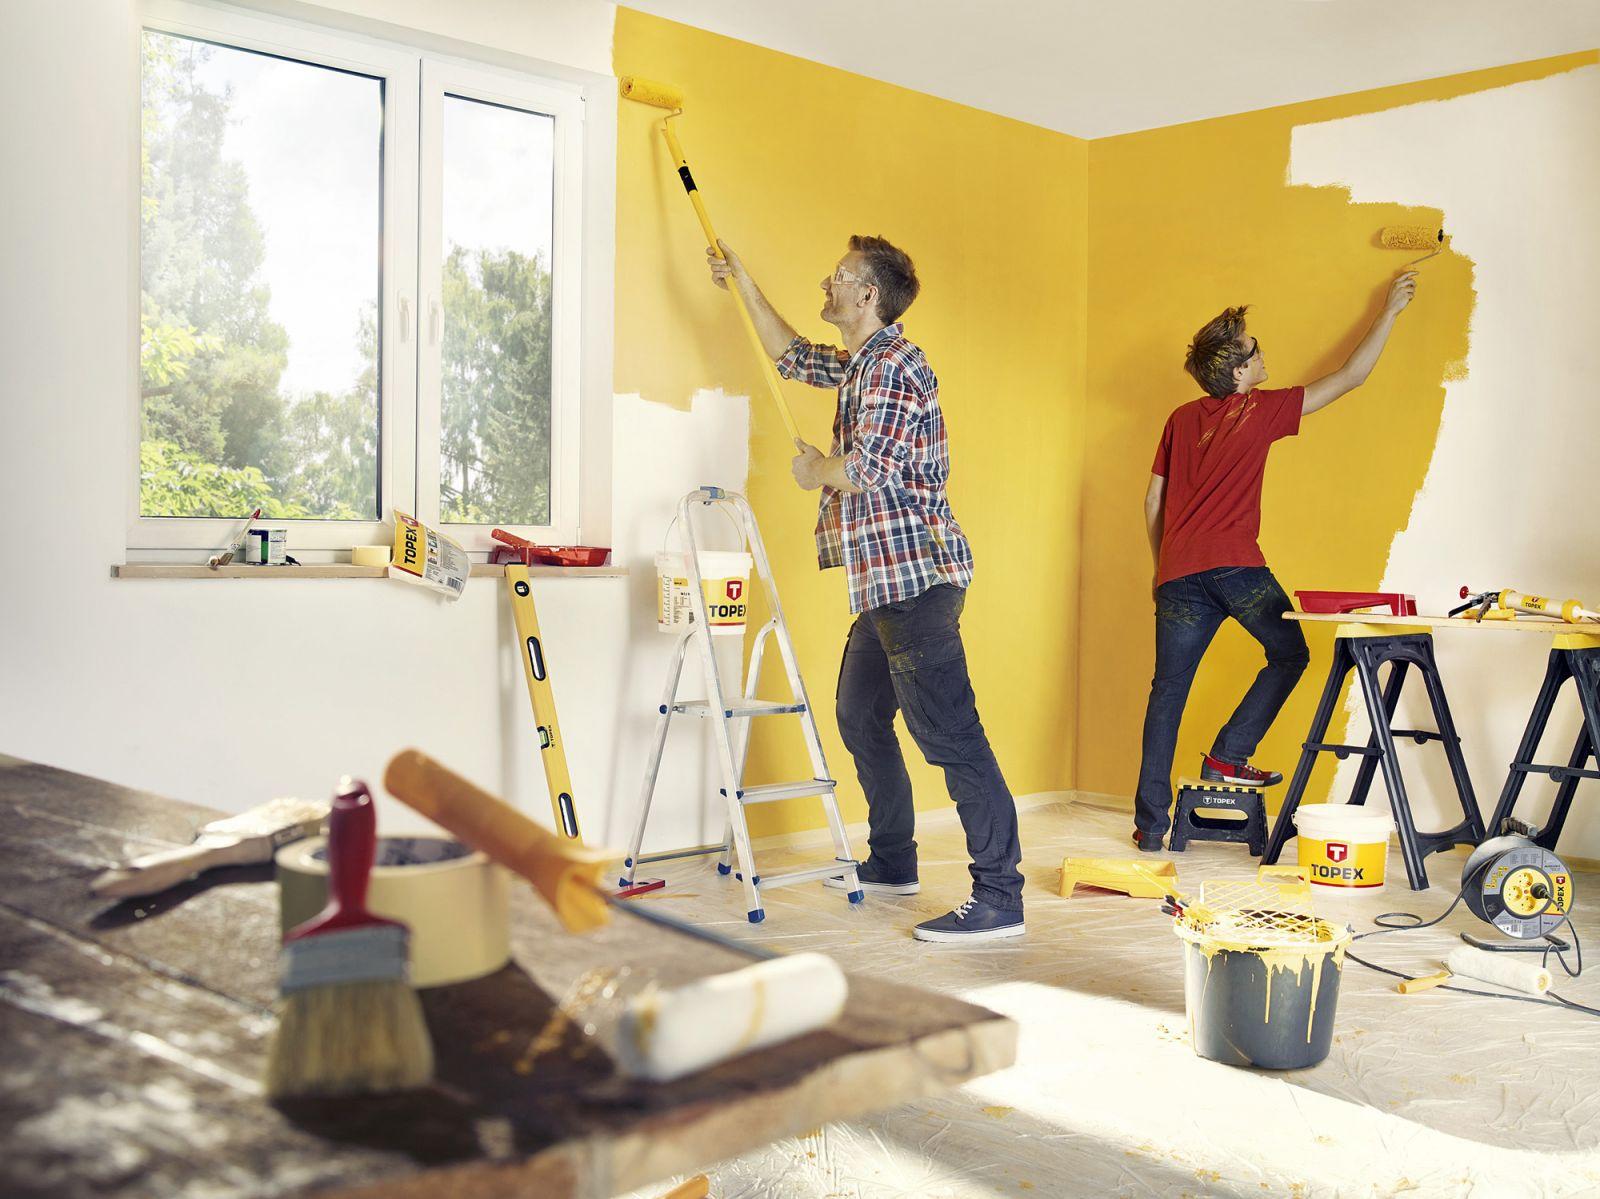 касаемся картинки отделочных работ домов бесплатных объявлений предоставляет